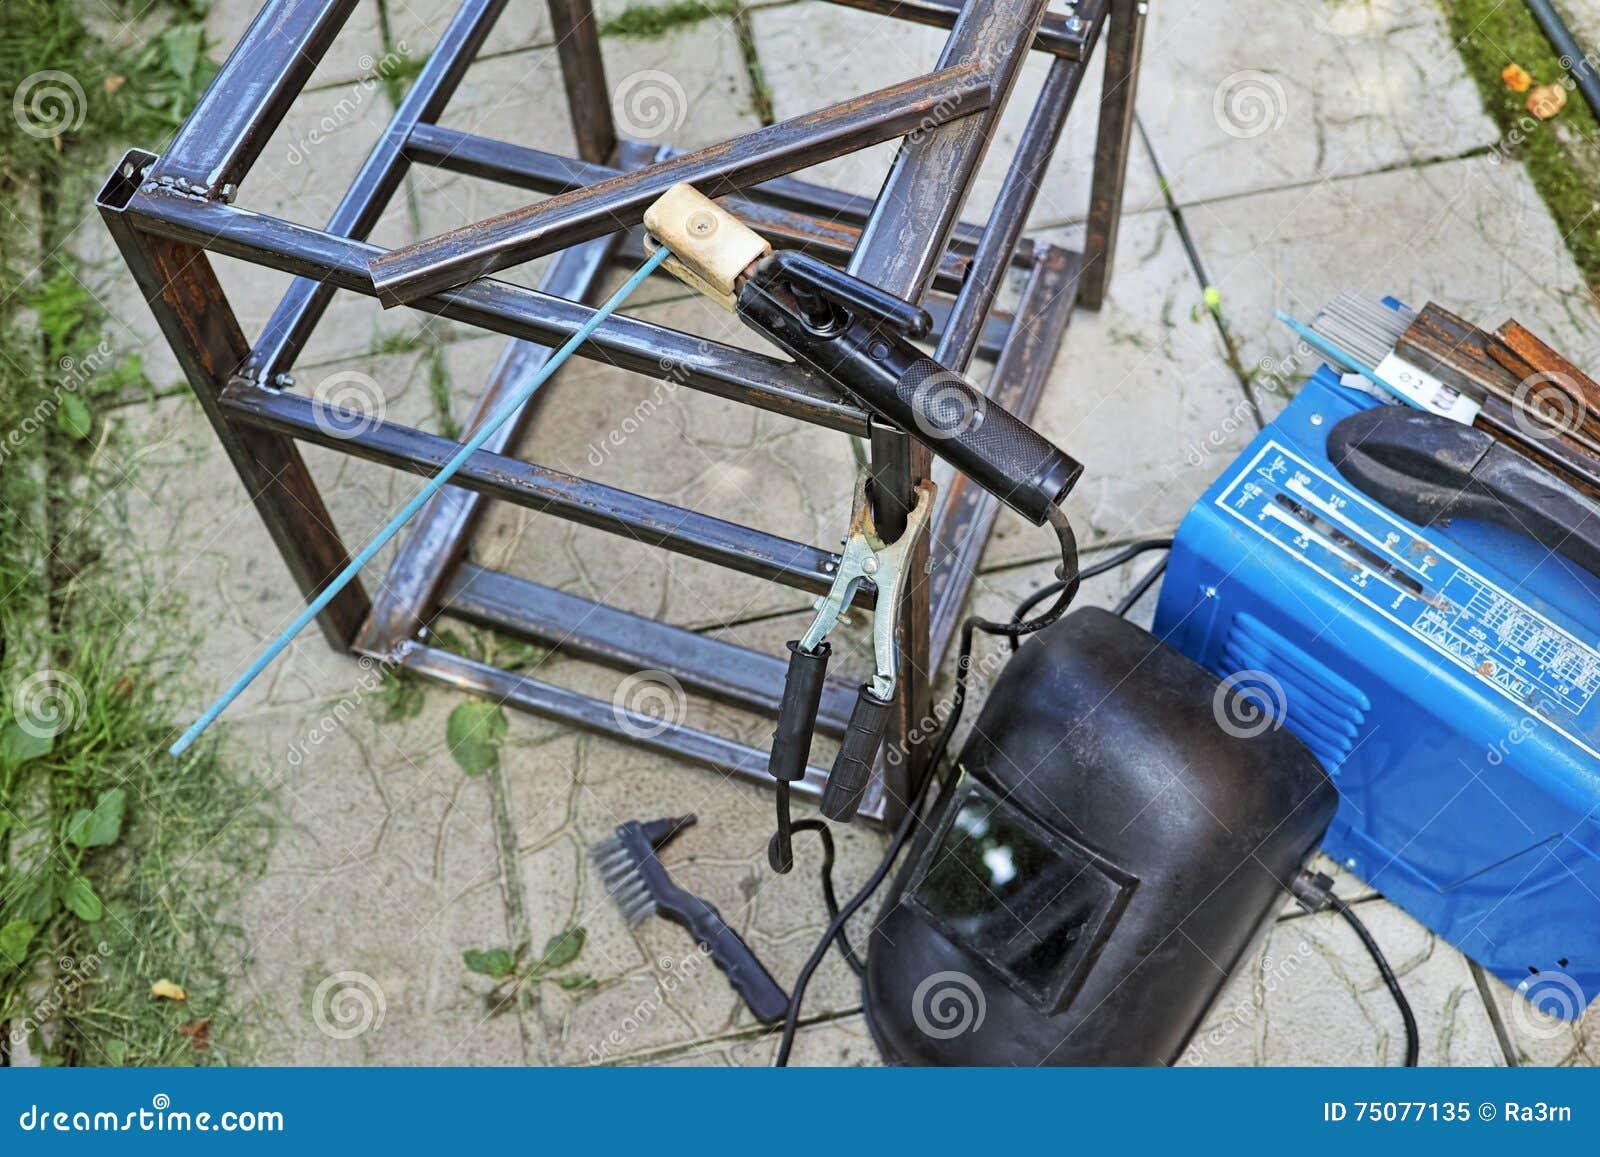 Attrezzatura Per Saldatura Elettrica Immagine Stock Immagine Di Lega Vita 75077135